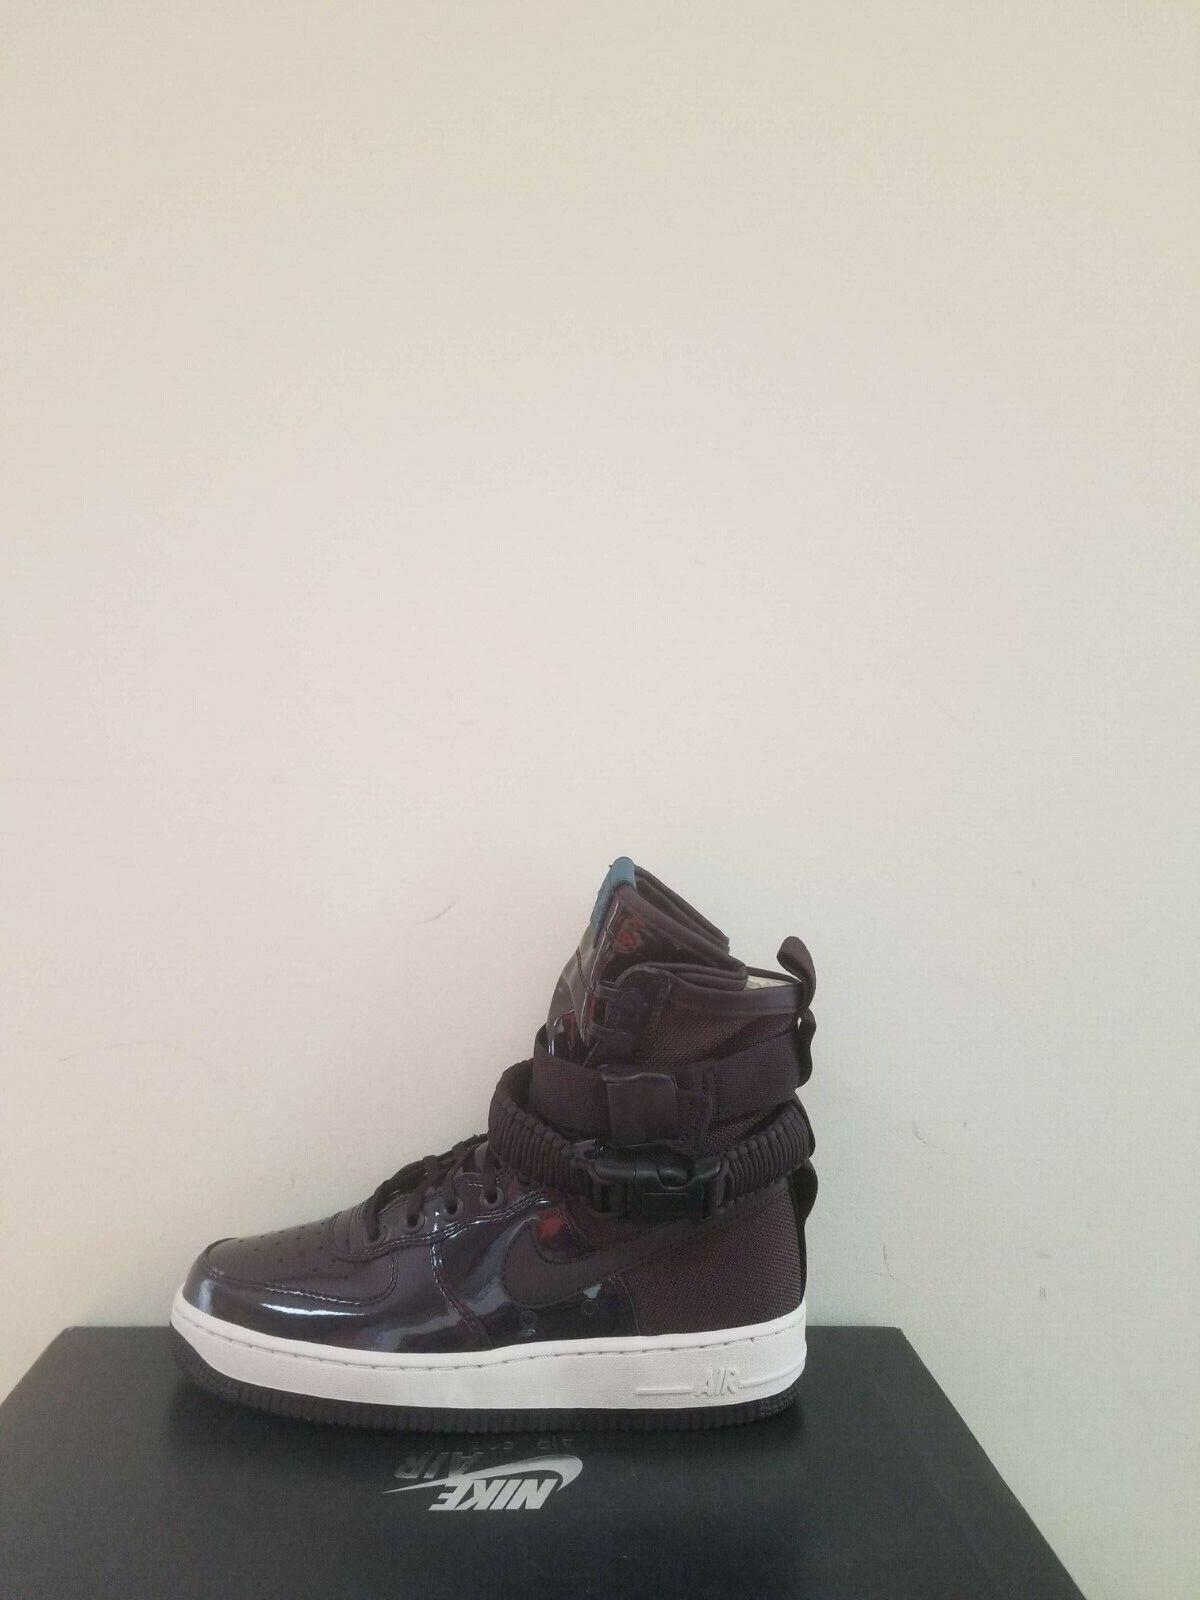 Neuf Nike Femmes Sf Air Force 1 Soi Premium Chaussures Pointure 9.5 Nib